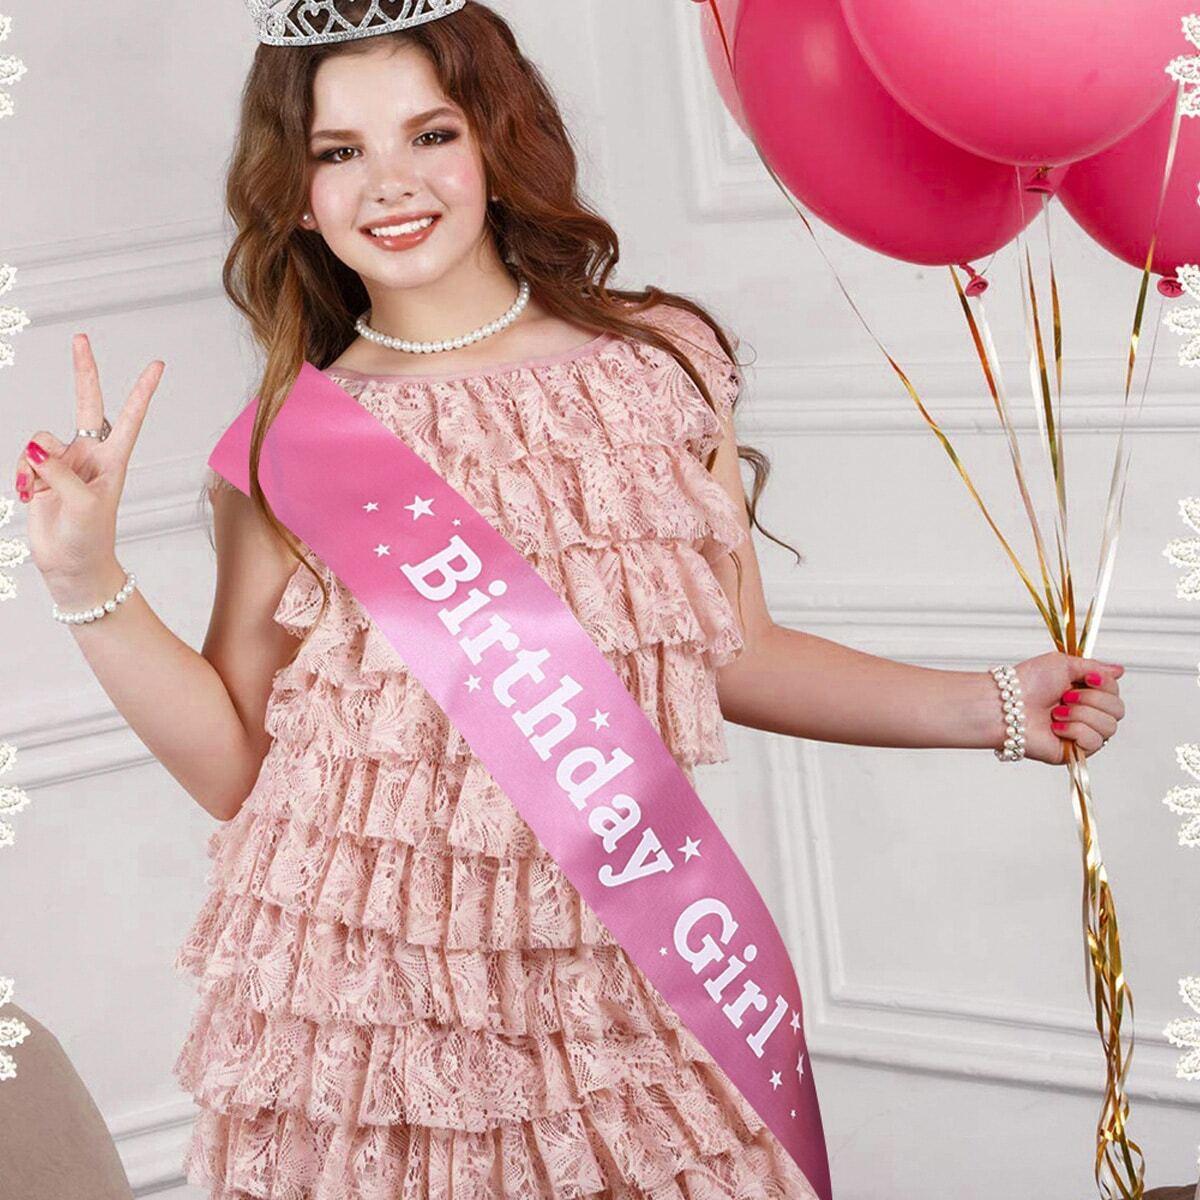 SHEIN coupon: Birthday Party Sash 1pc